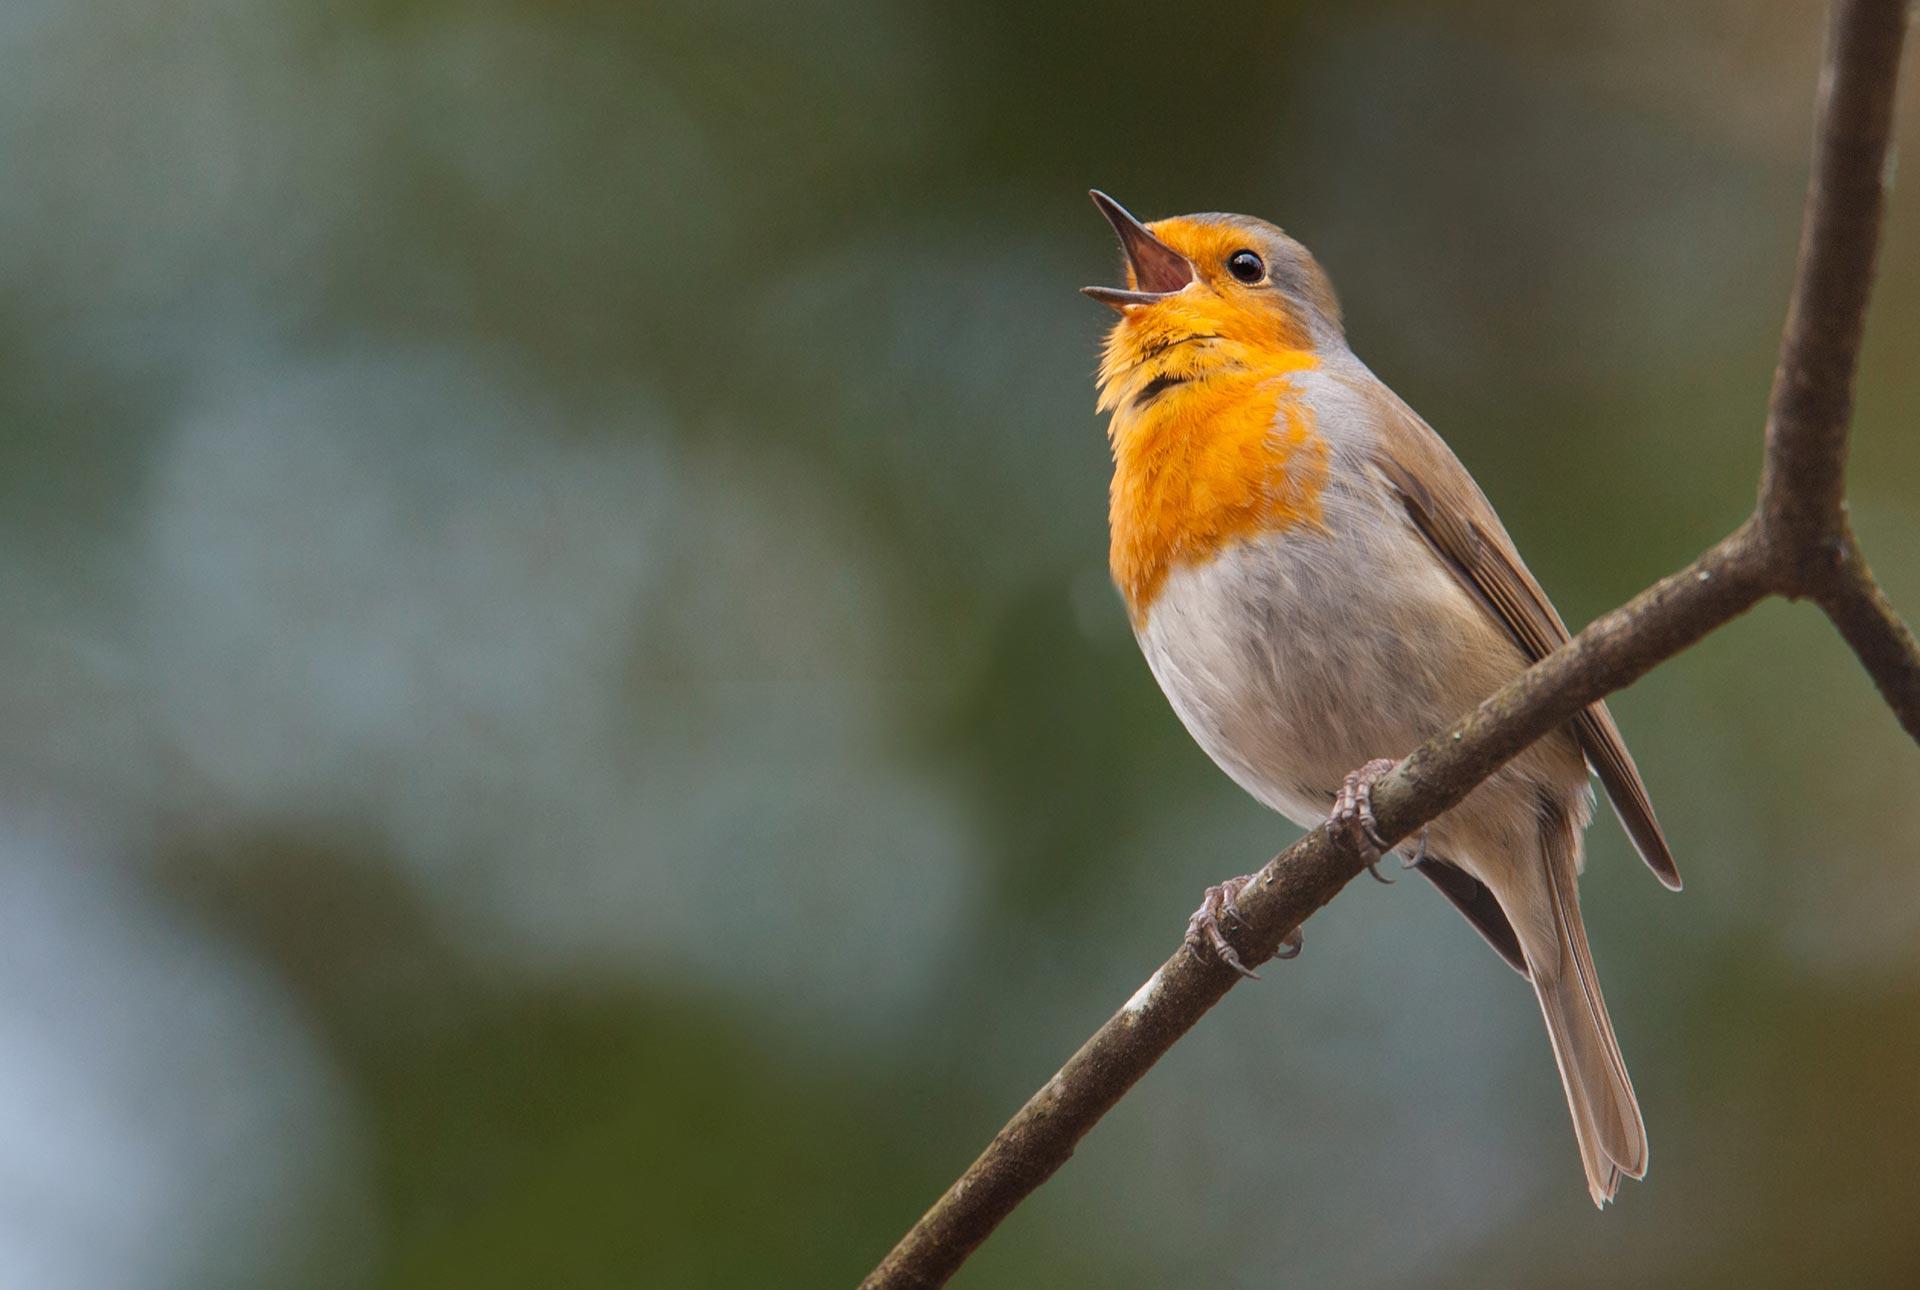 Ave cantando